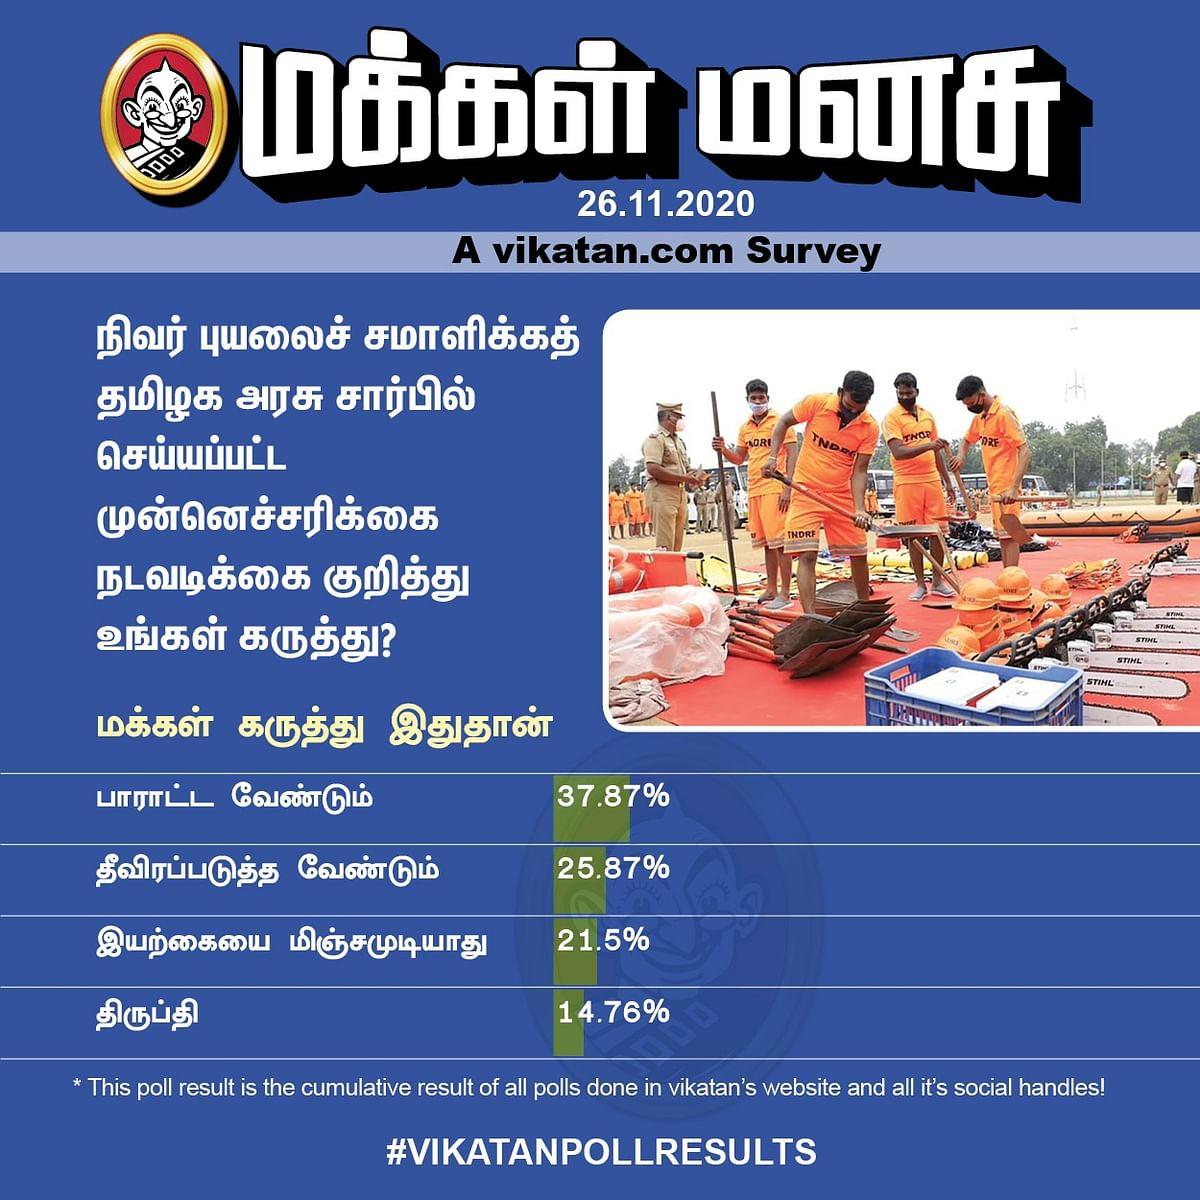 தற்போதுள்ள சூழ்நிலையில் கொரோனா பாதிப்பு குறித்து என்ன நினைக்கிறீர்கள்? #VikatanPollResults